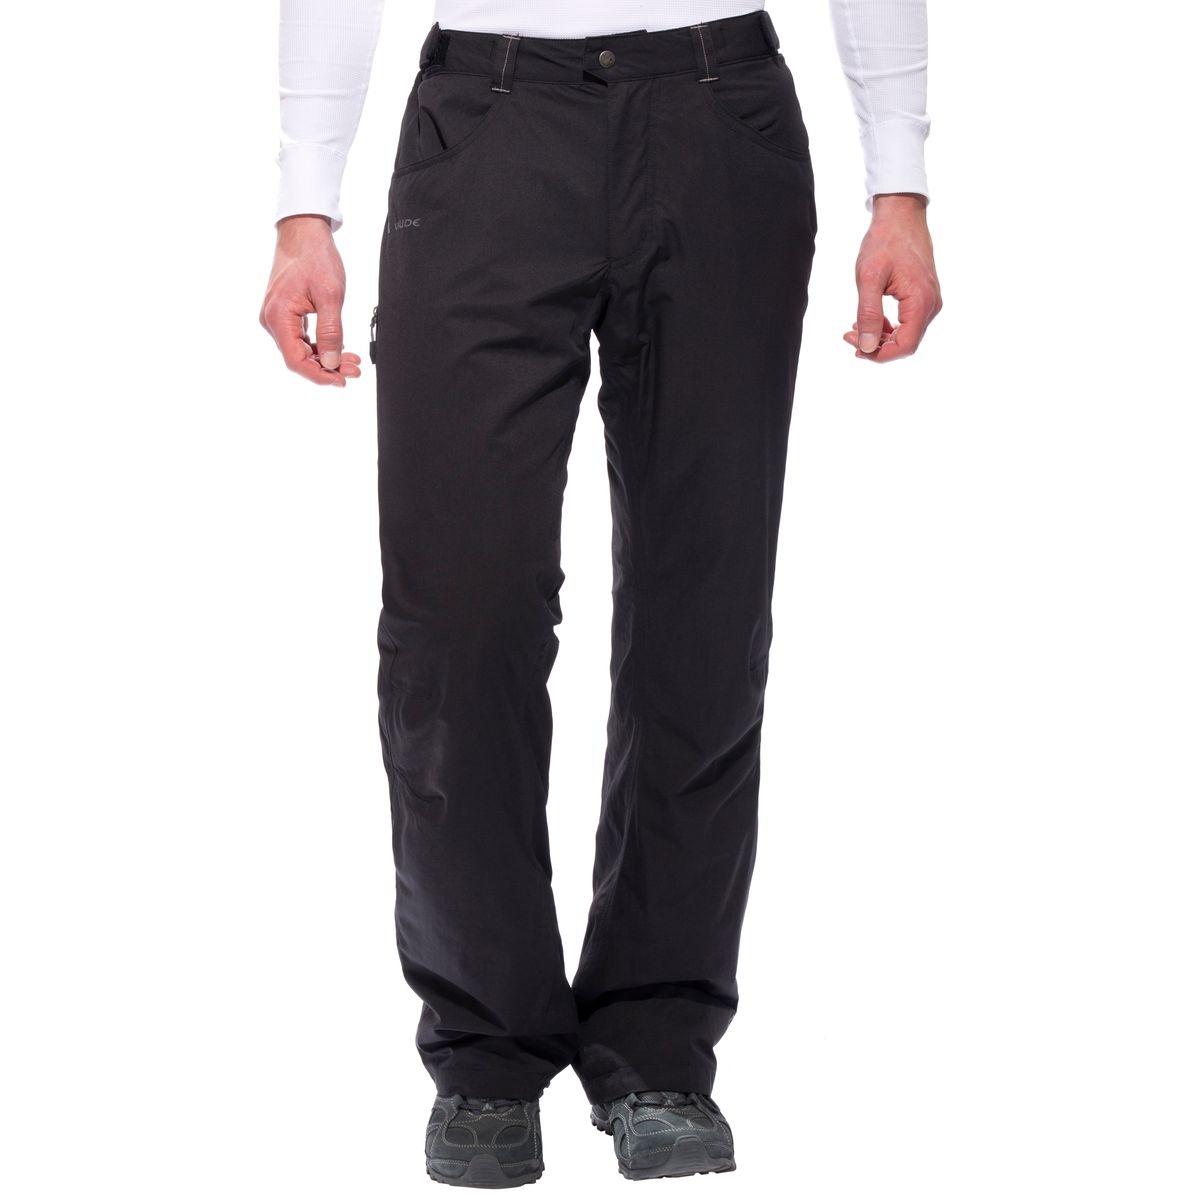 Craigel - Pantalon de pluie Homme - Padded noir